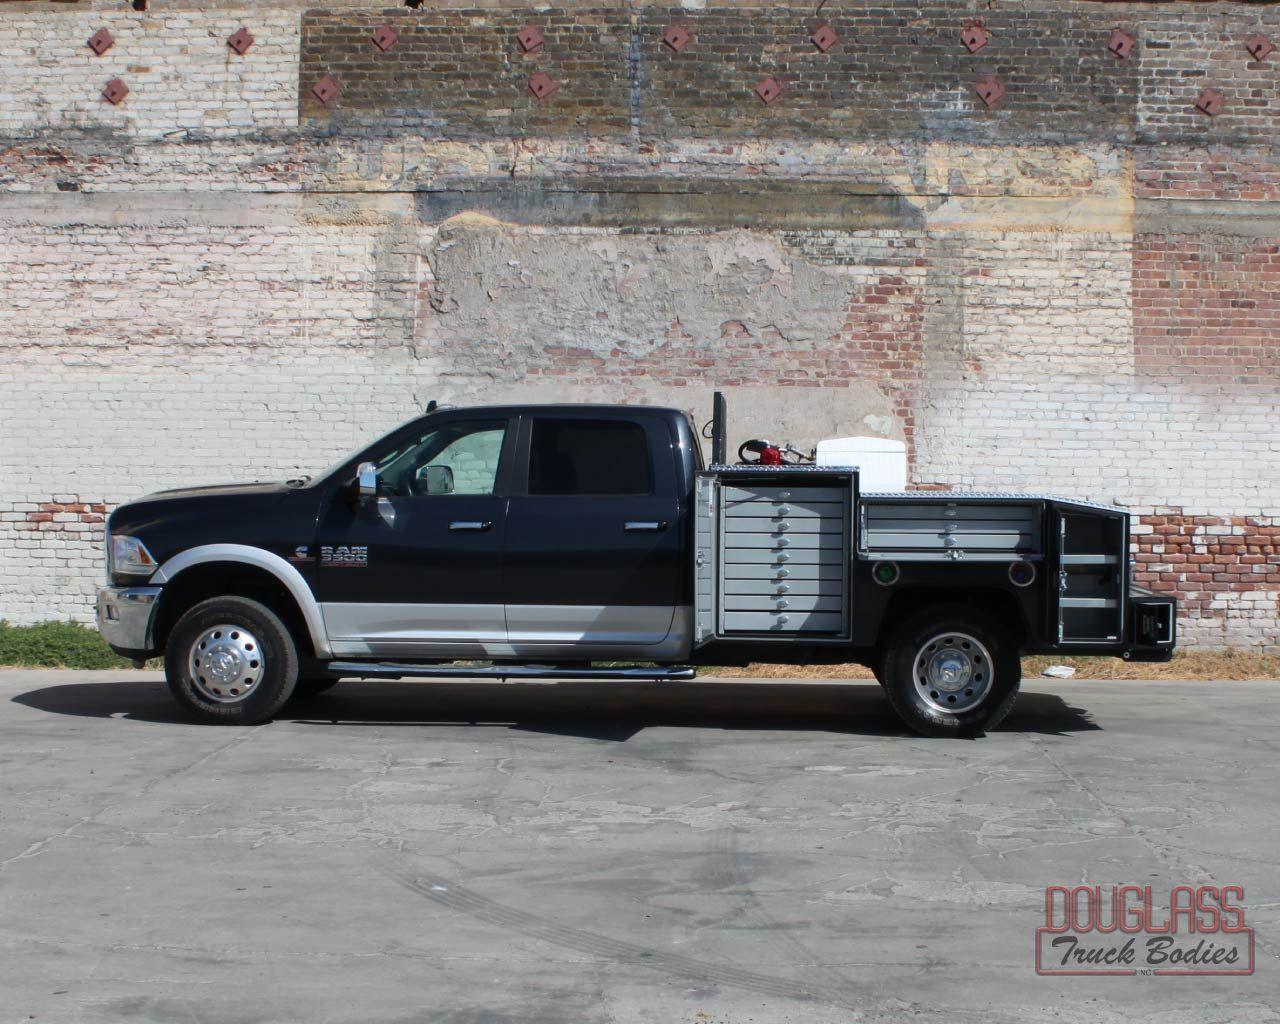 Truck Douglass Truck Bodies Custom truck beds, Work